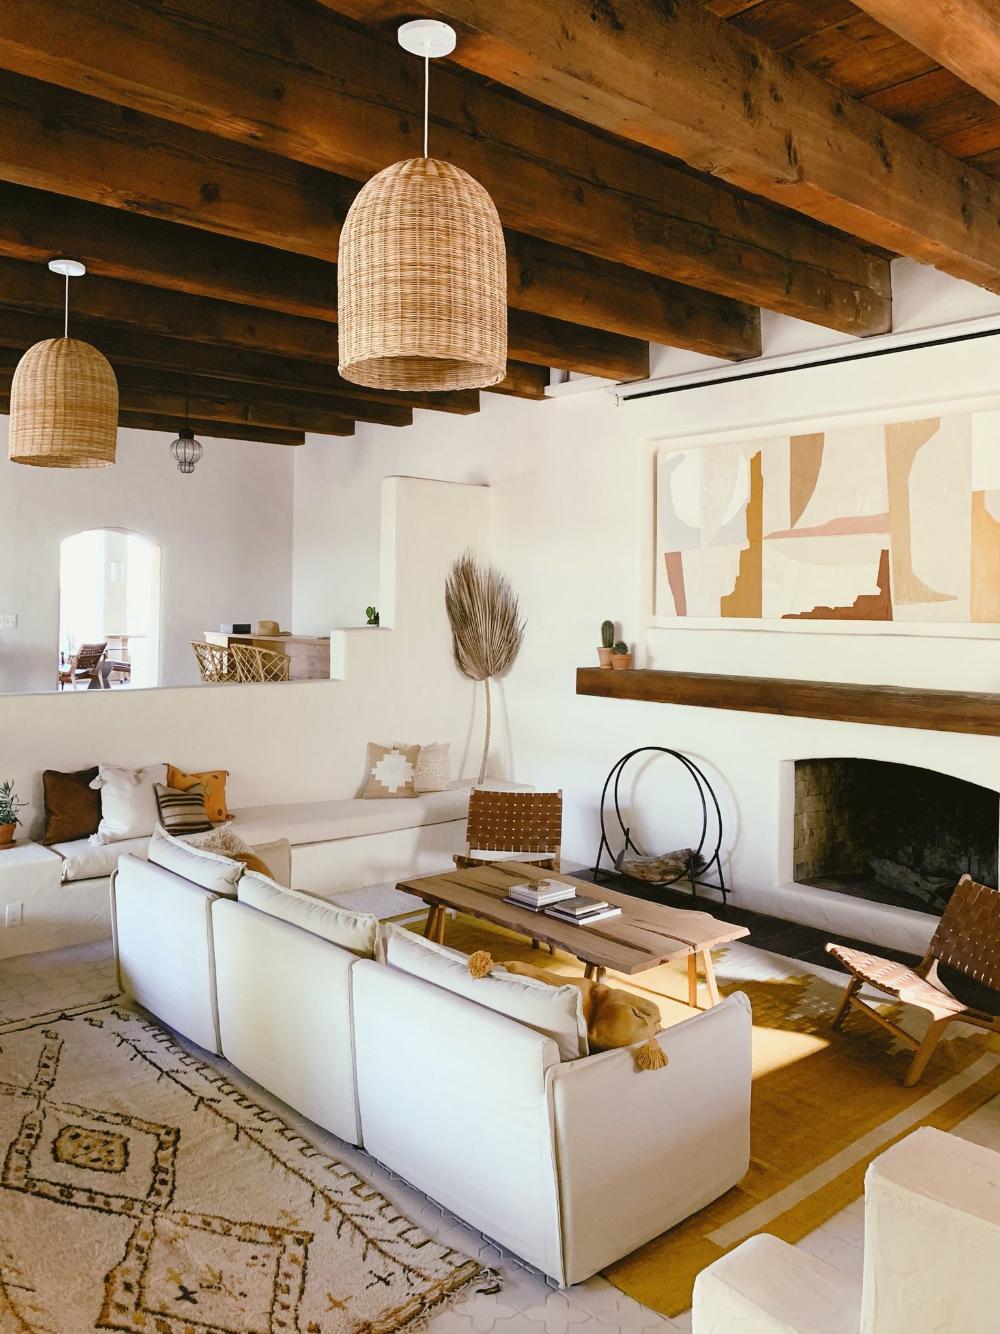 Une Auberge Transformee En Maison D Hotes Boheme En 2020 Maison D Hotes Salons Minimalistes Maison